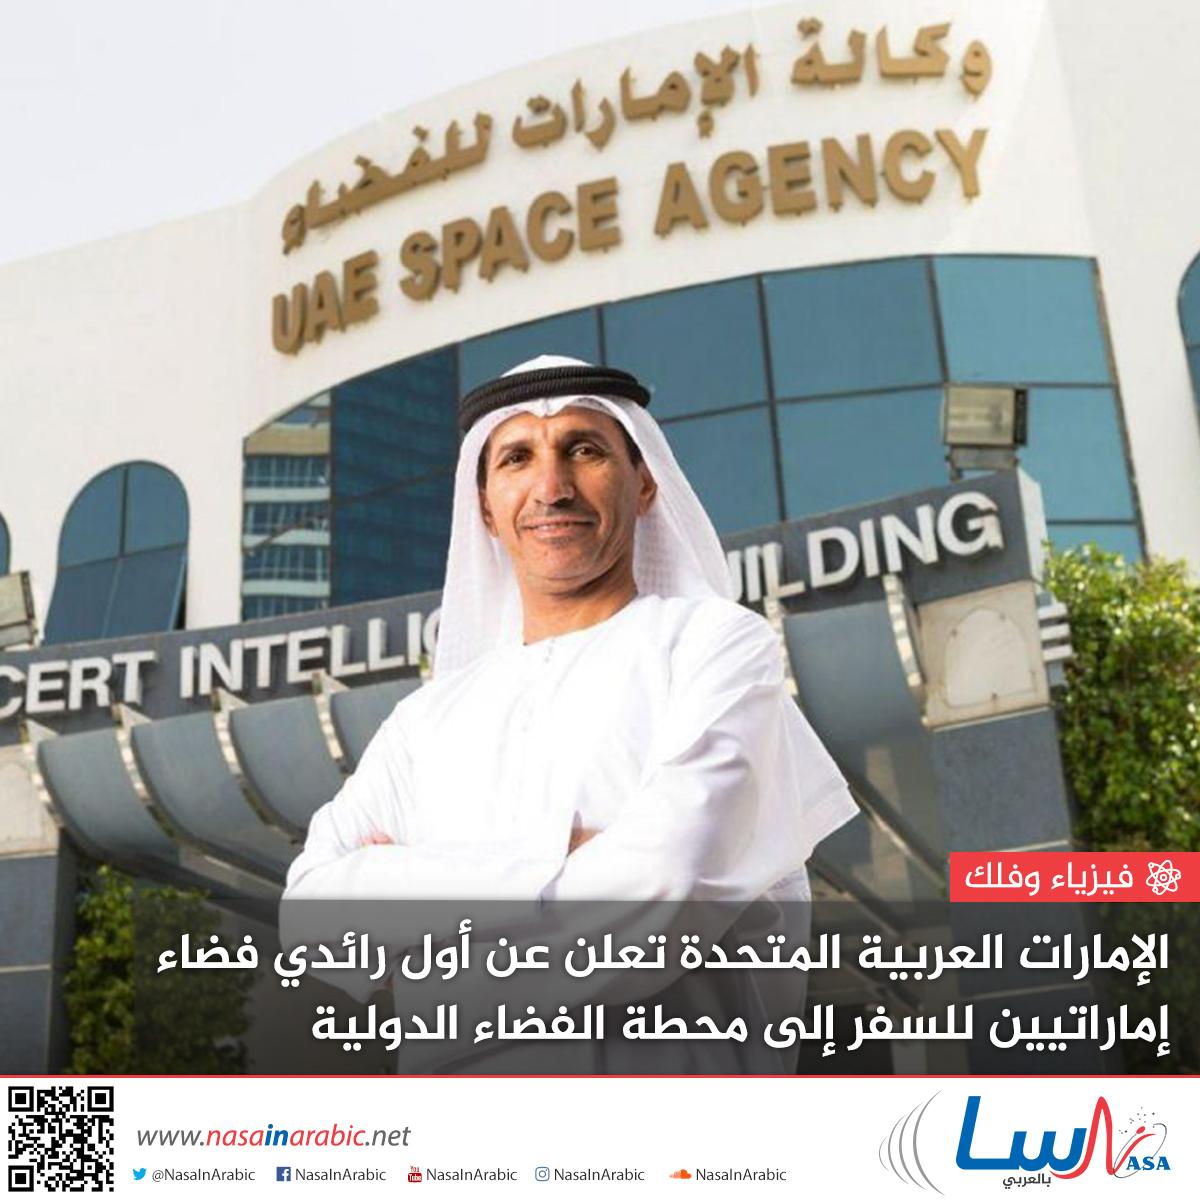 الإمارات العربية المتحدة تعلن عن أول رائدي فضاء إماراتيين للسفر إلى محطة الفضاء الدولية